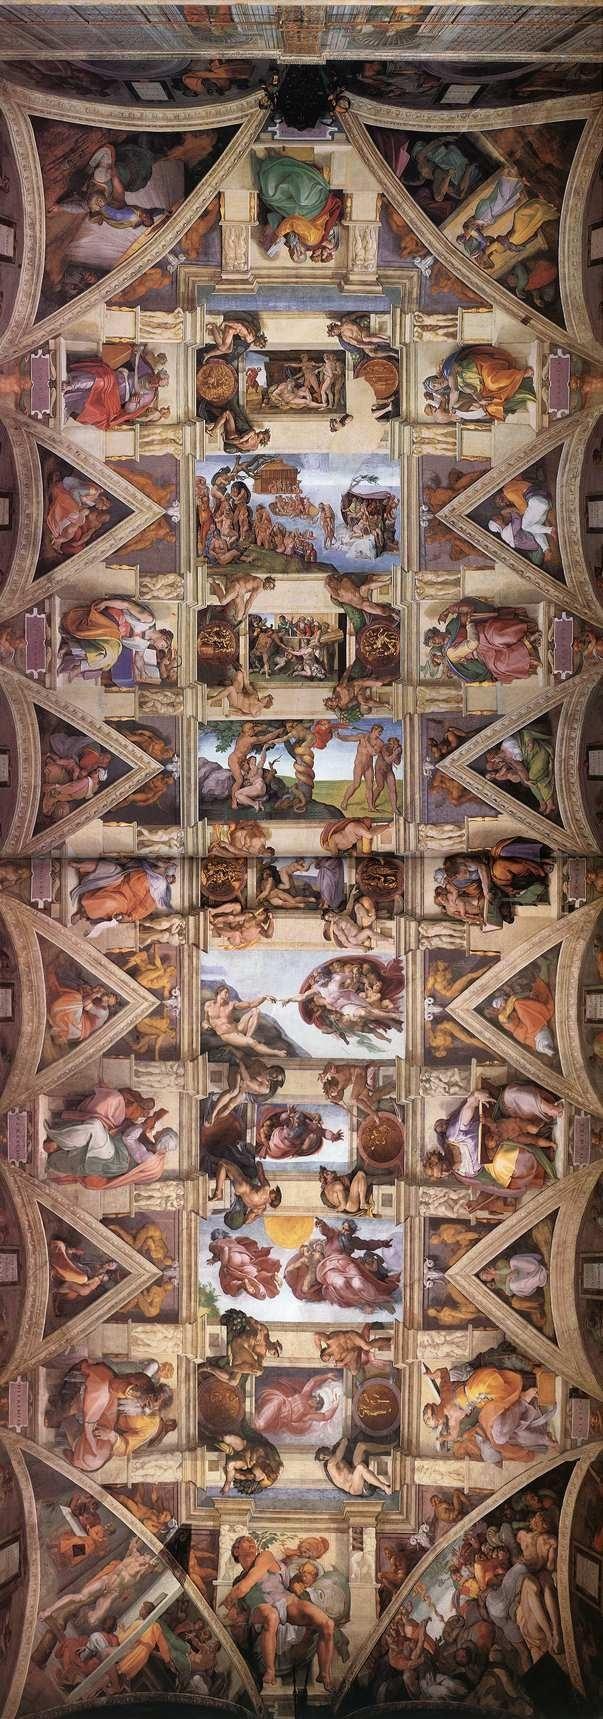 西斯廷天顶画 意大利 米开朗基罗 天顶画 梵谛冈西斯廷教堂